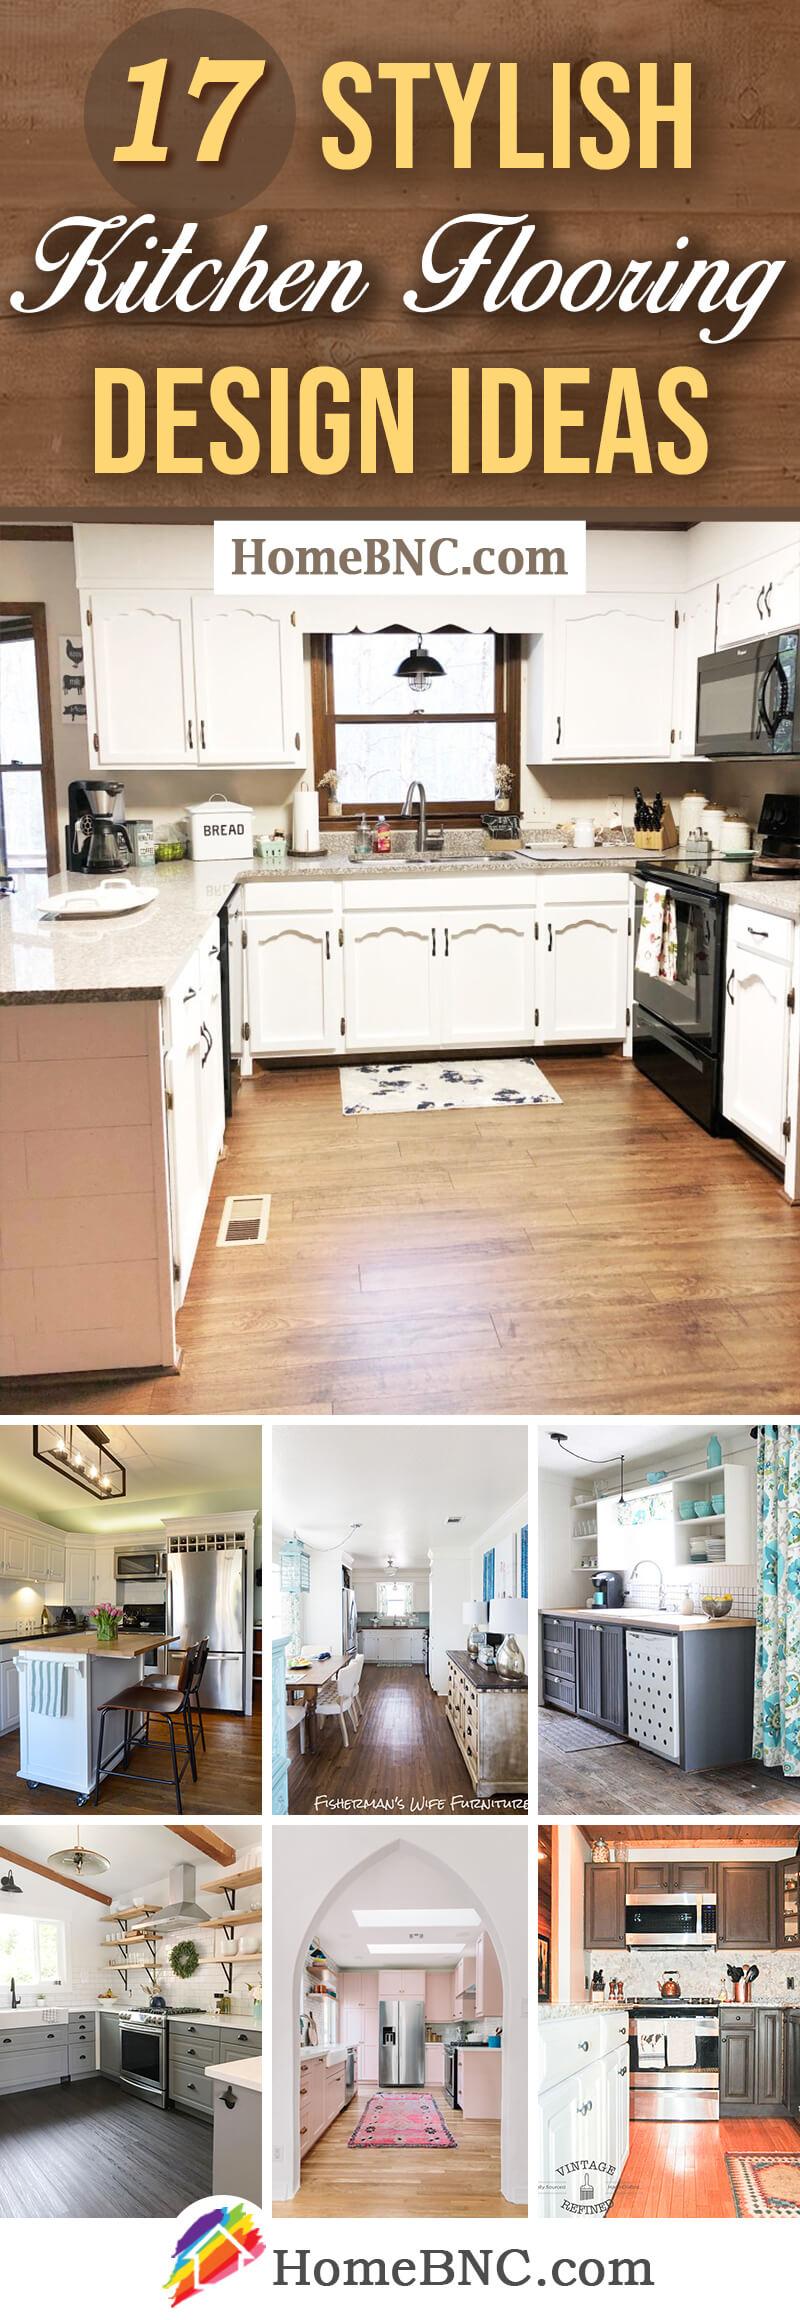 17 Best Kitchen Flooring Design Ideas to Update Your Space ...